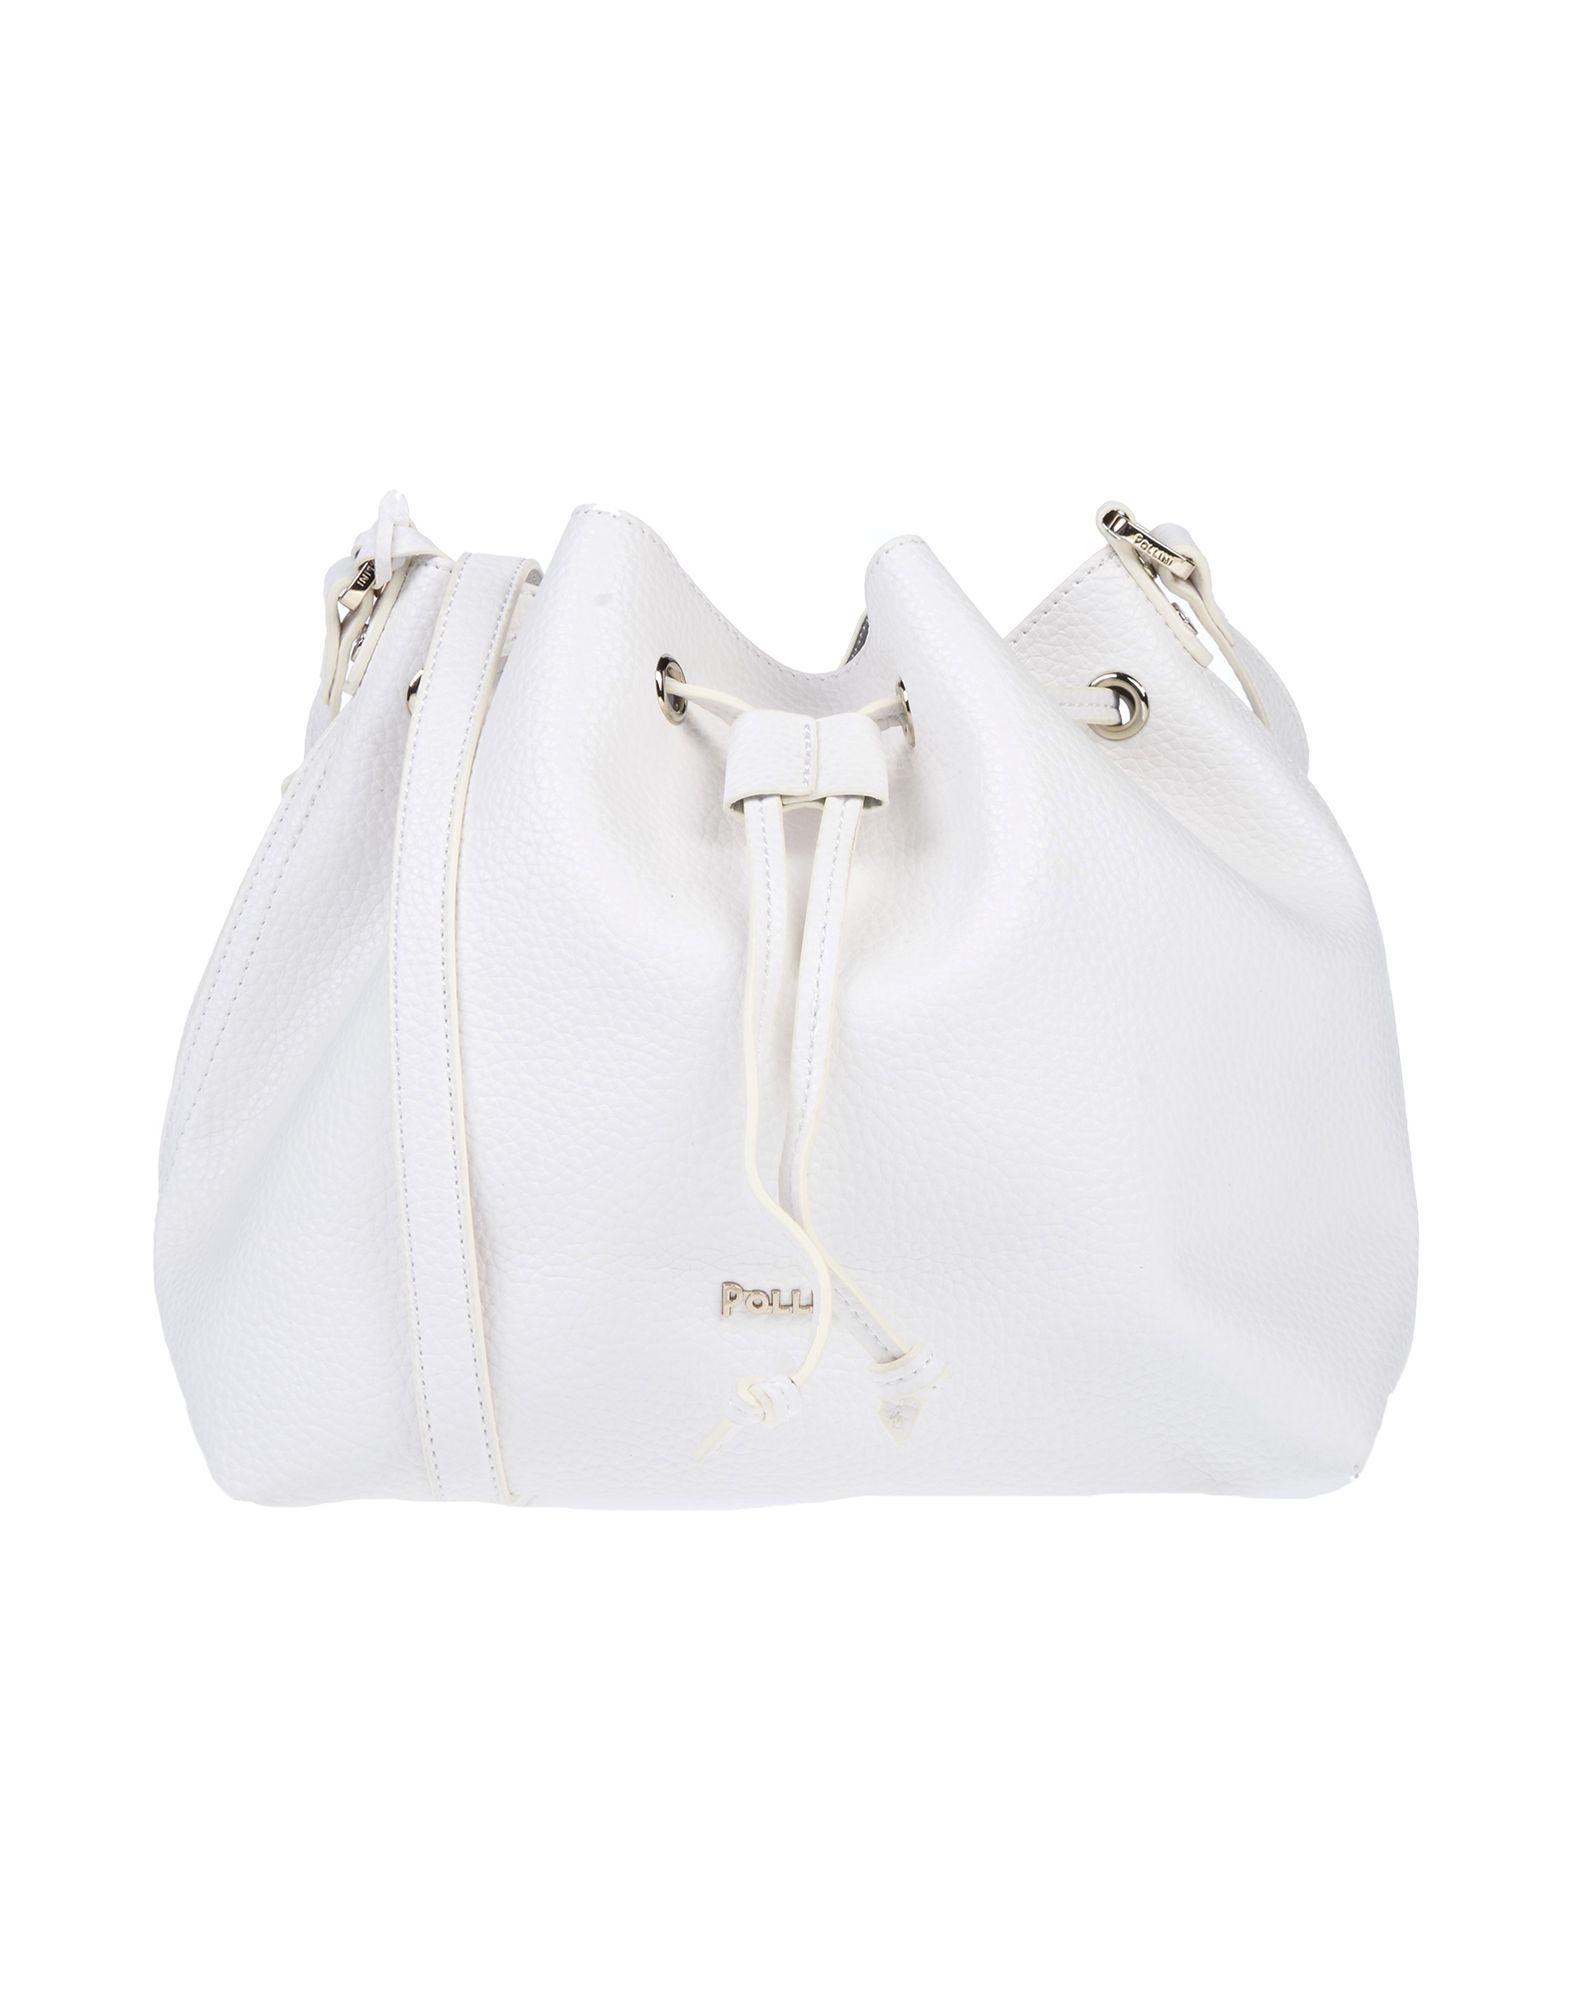 POLLINI Сумка через плечо aliwilliam® 2015 новый женский мини цепь плечо сумка дизайнер сумки crossbody сумка для женщин малый messenger мешок 5 цветов